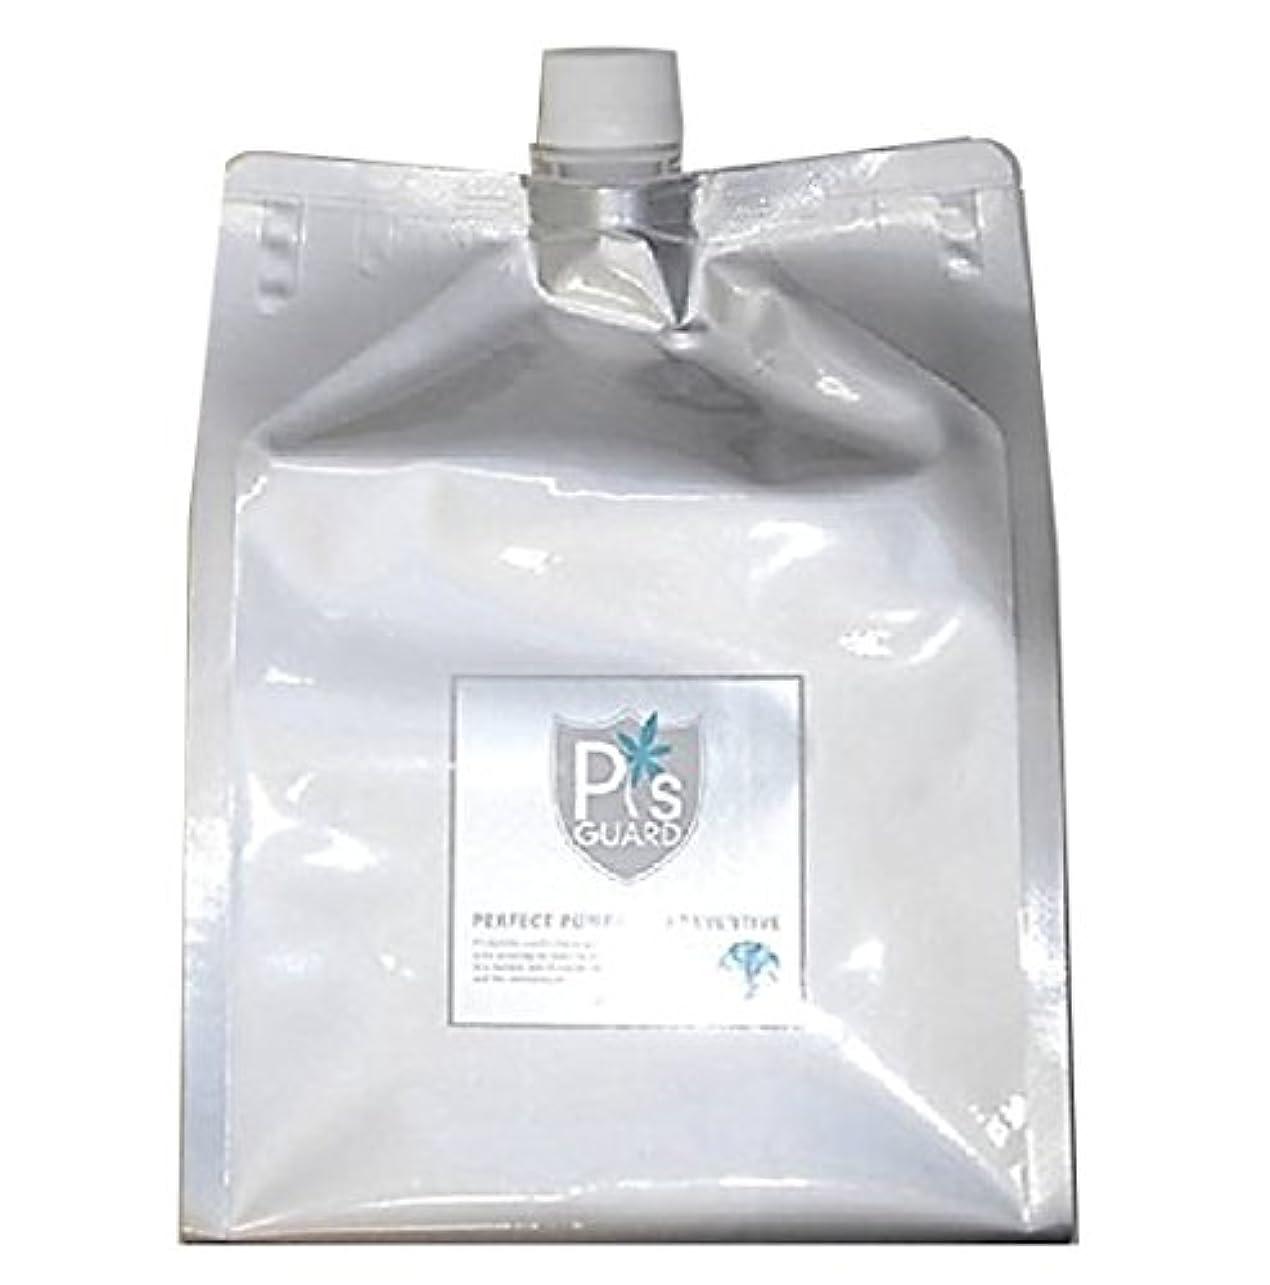 ホステスポーン明確にピーズガード 除菌消臭剤ピーズガード 詰替用 2.3L 1セット(4パック)